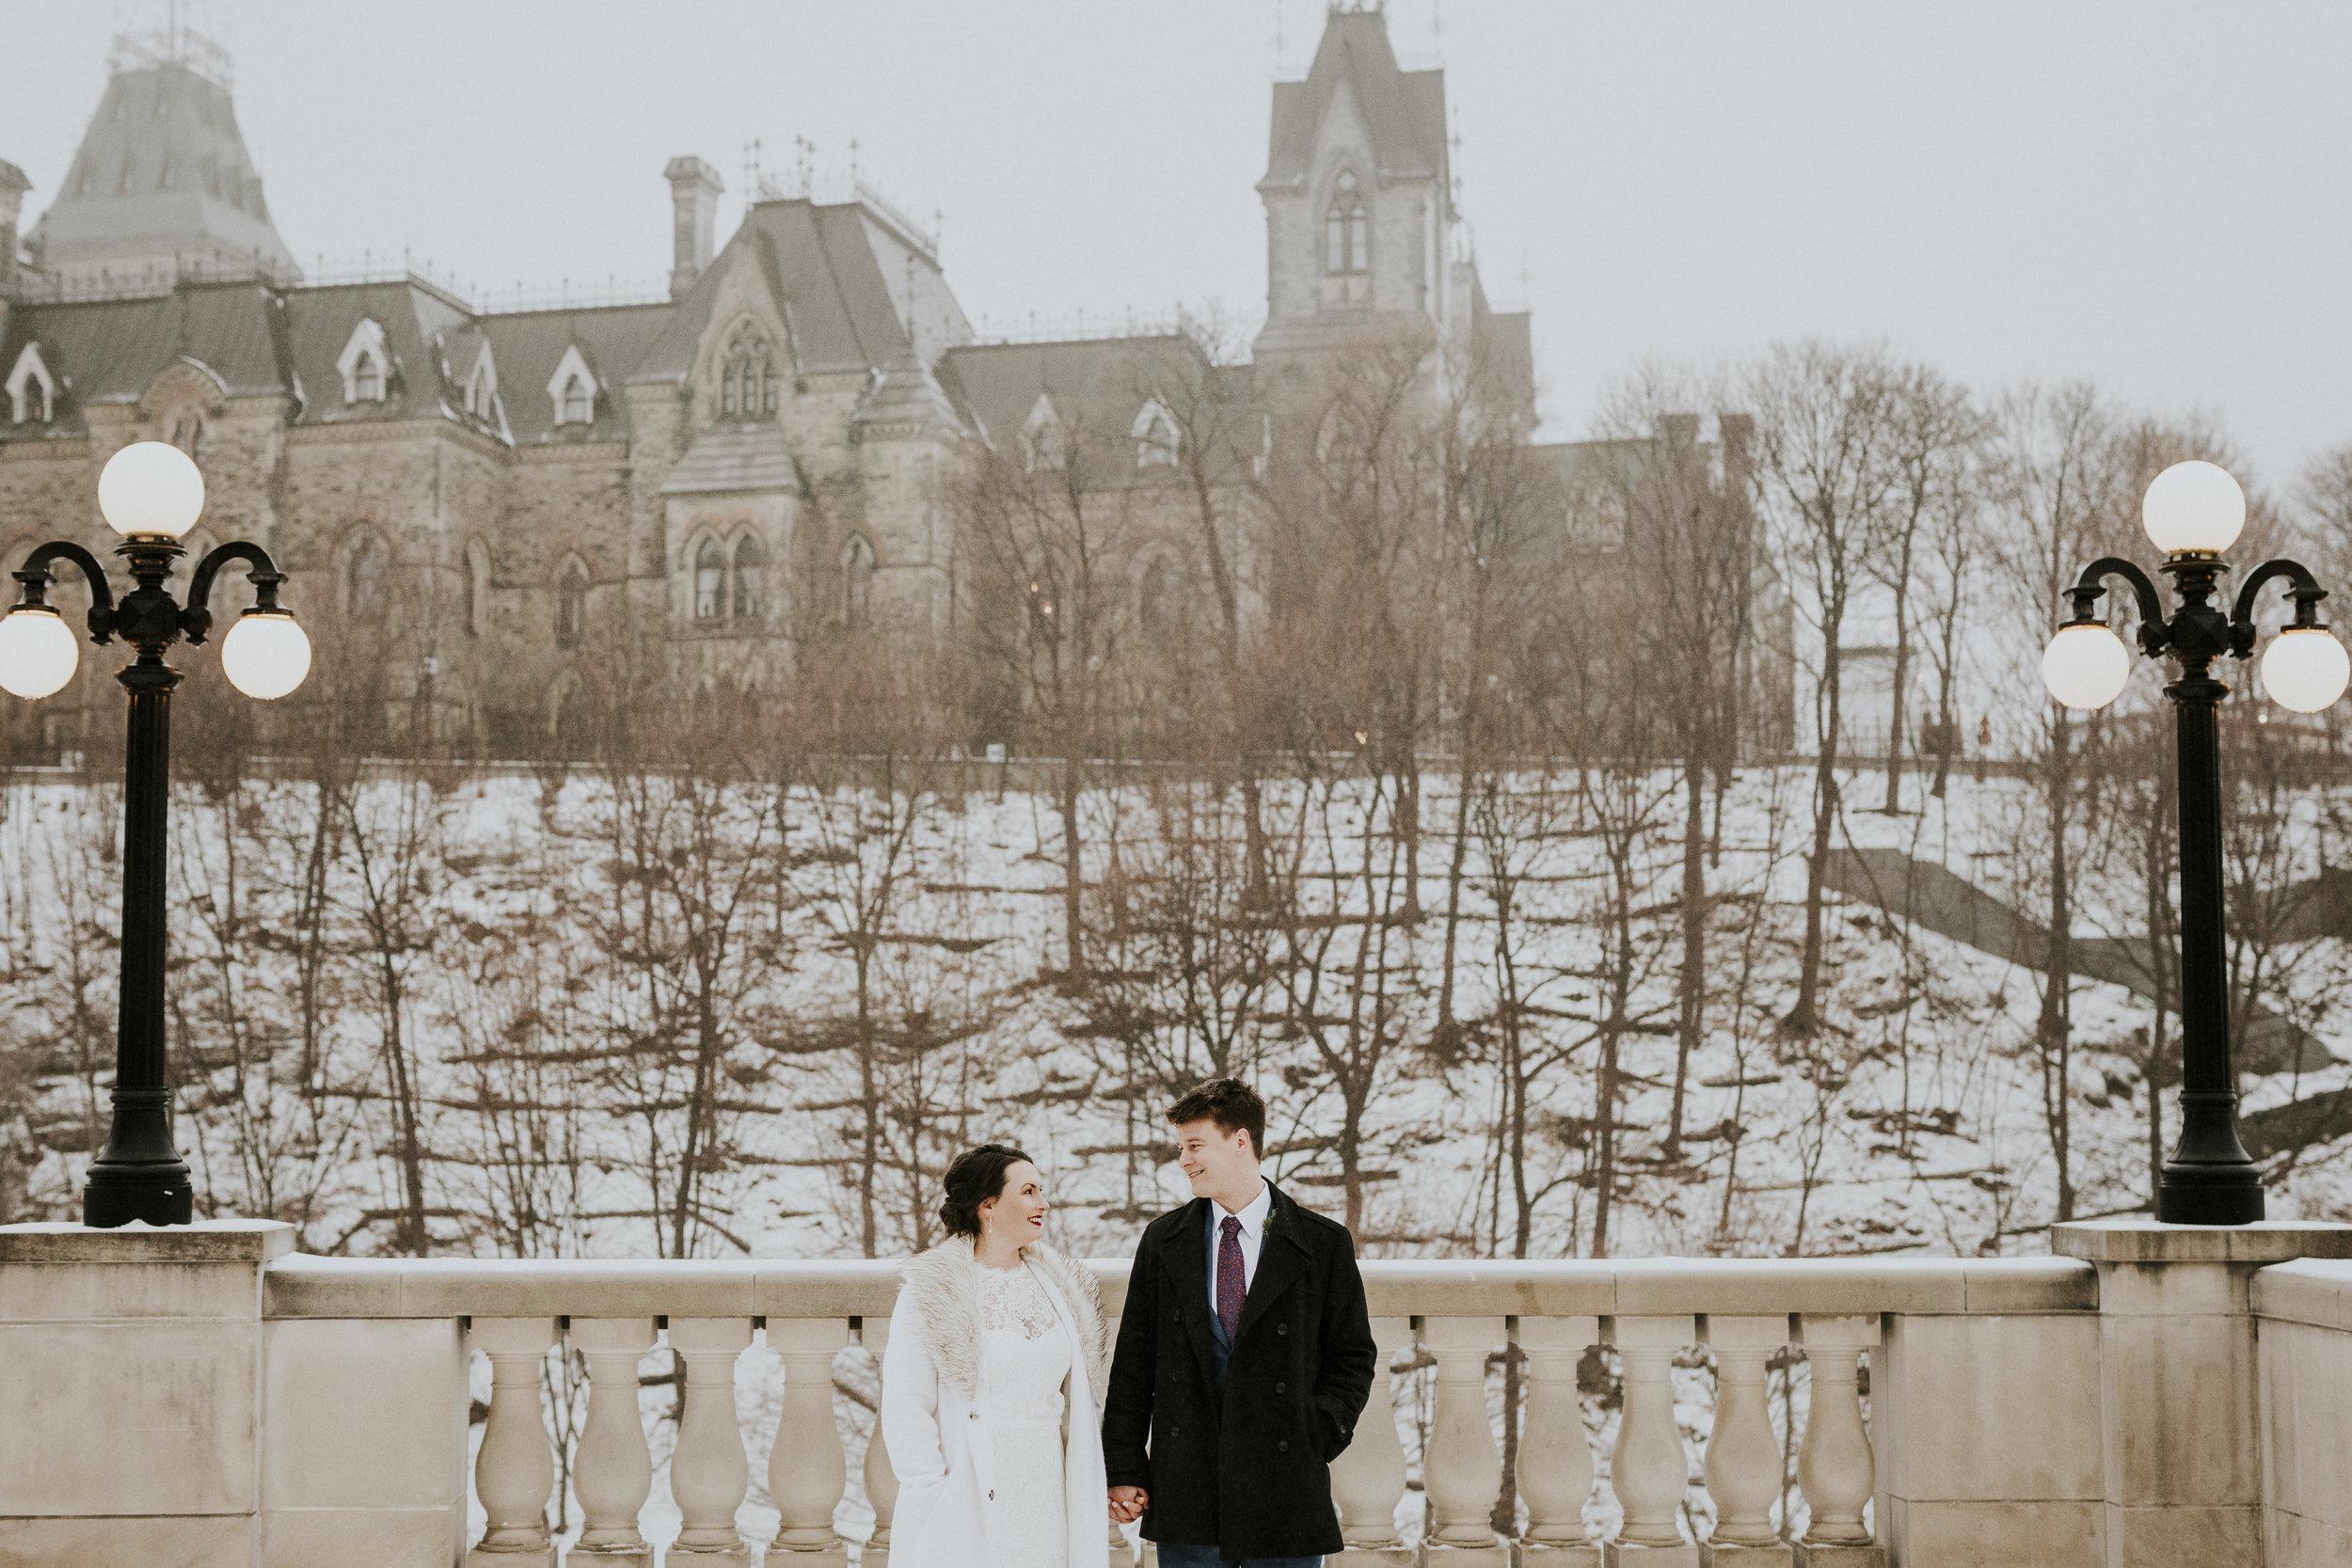 001_Bride + Groom Portraits-035.jpg